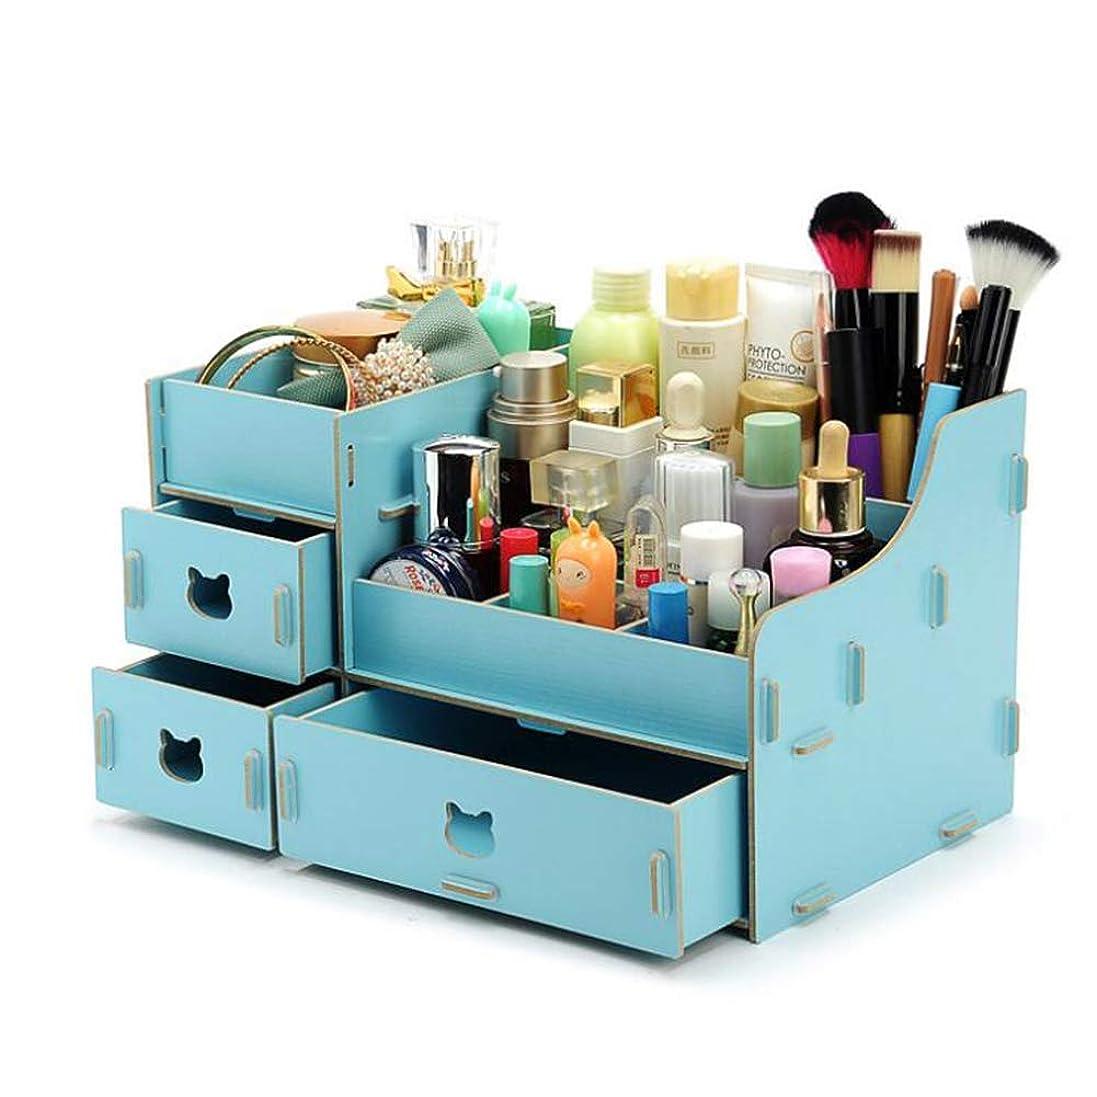 複製するのワードローブL.TSAトラベルウォッシュ収納袋DIY化粧品ケーススキンケアラック、引き出し付き、化粧品収納ボックス、デスクトップ木製収納ボックス、Style3